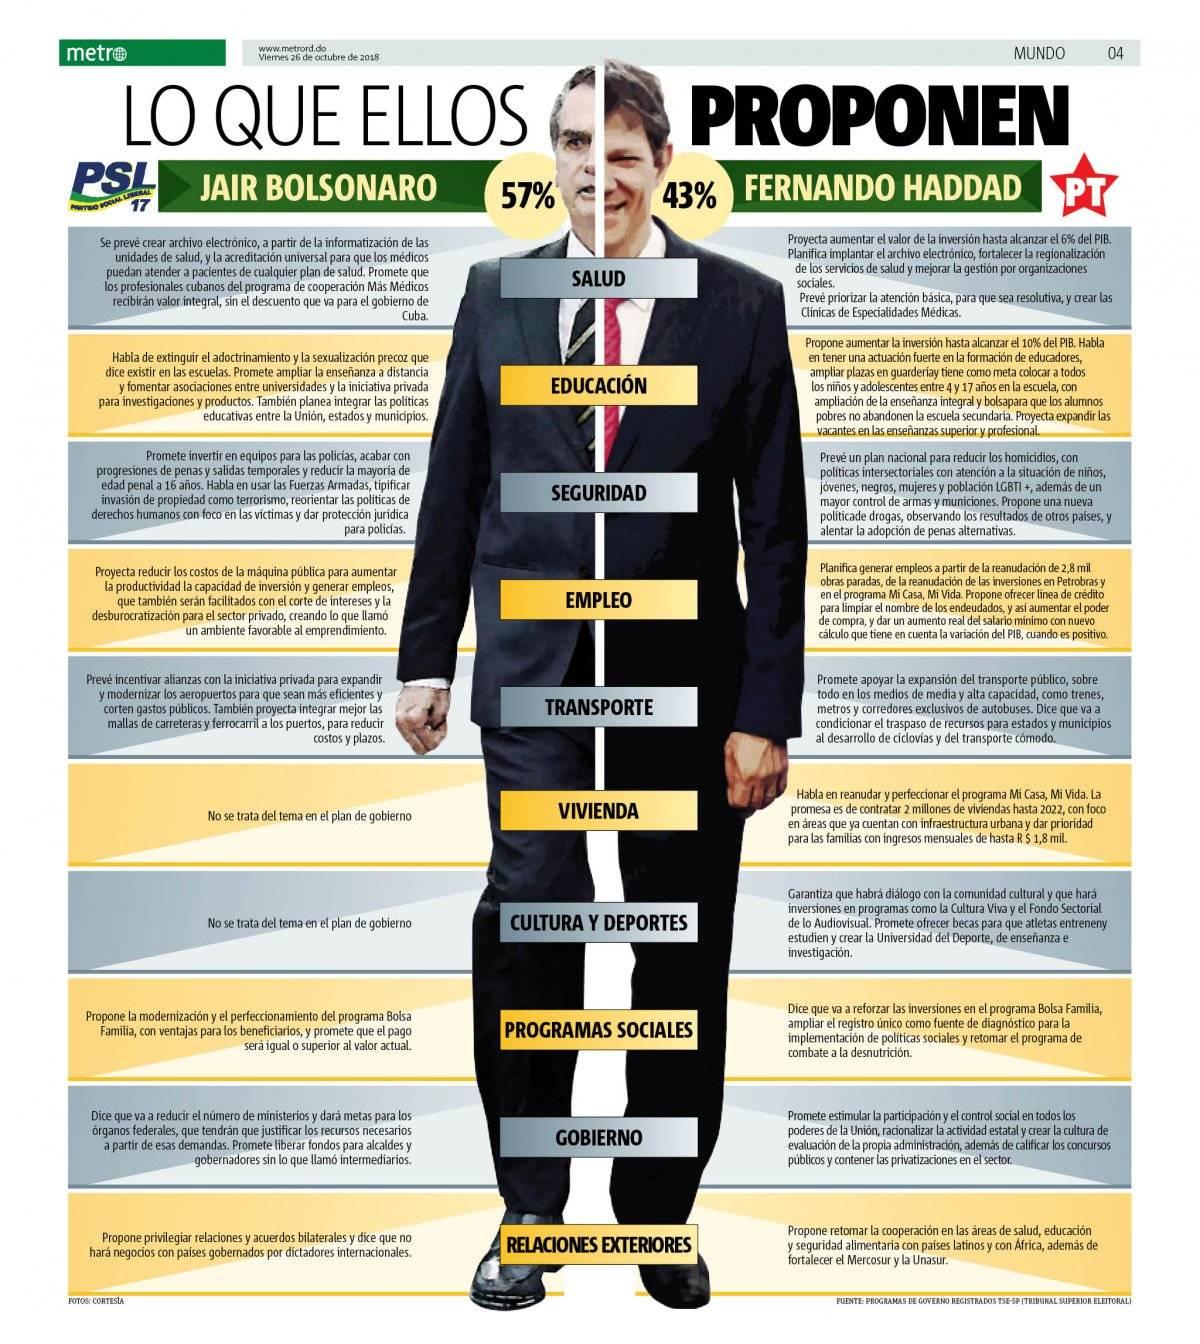 jair bolsonaro vs fernando haddad